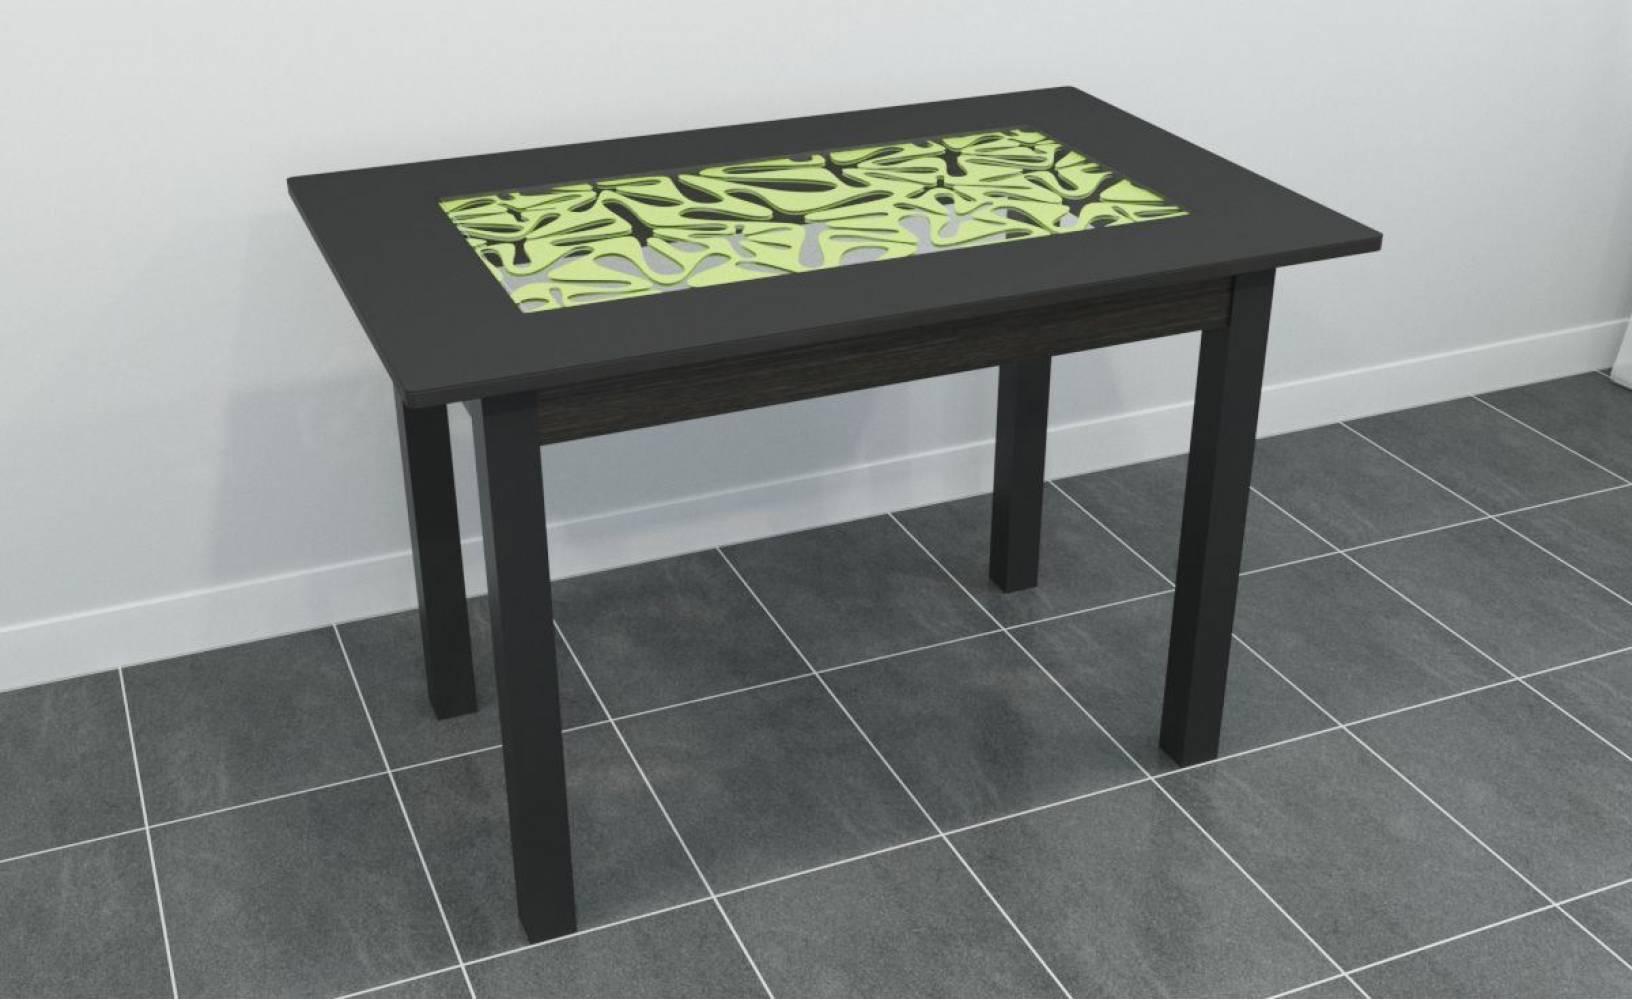 Стол ажурный прямоугольный черный+лайм